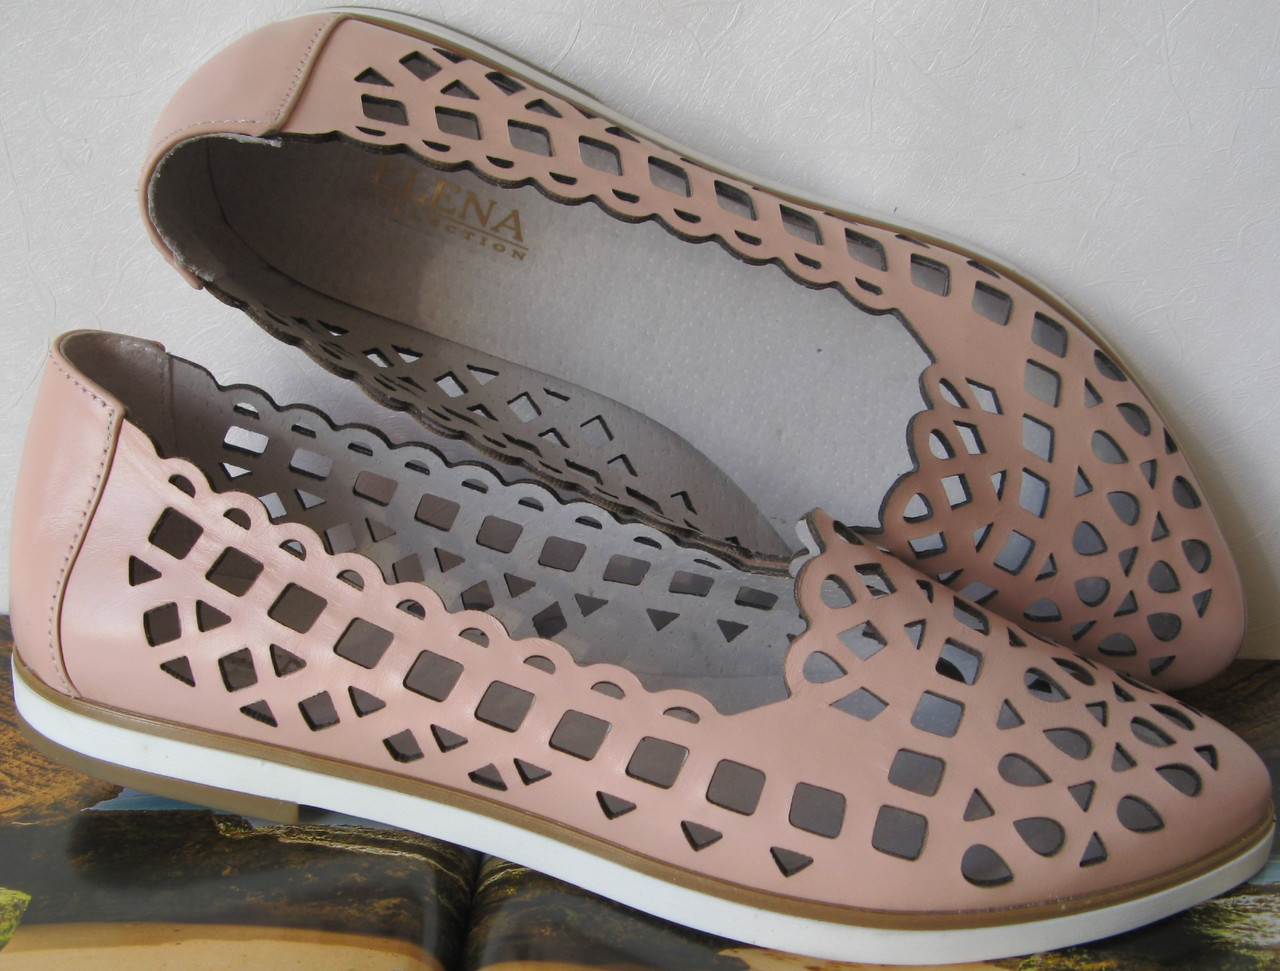 Versace жіночі шкіряні рожеві еспадрільї перфорація балетки туфлі шкіра  пудра репліка d4011b0484dc6